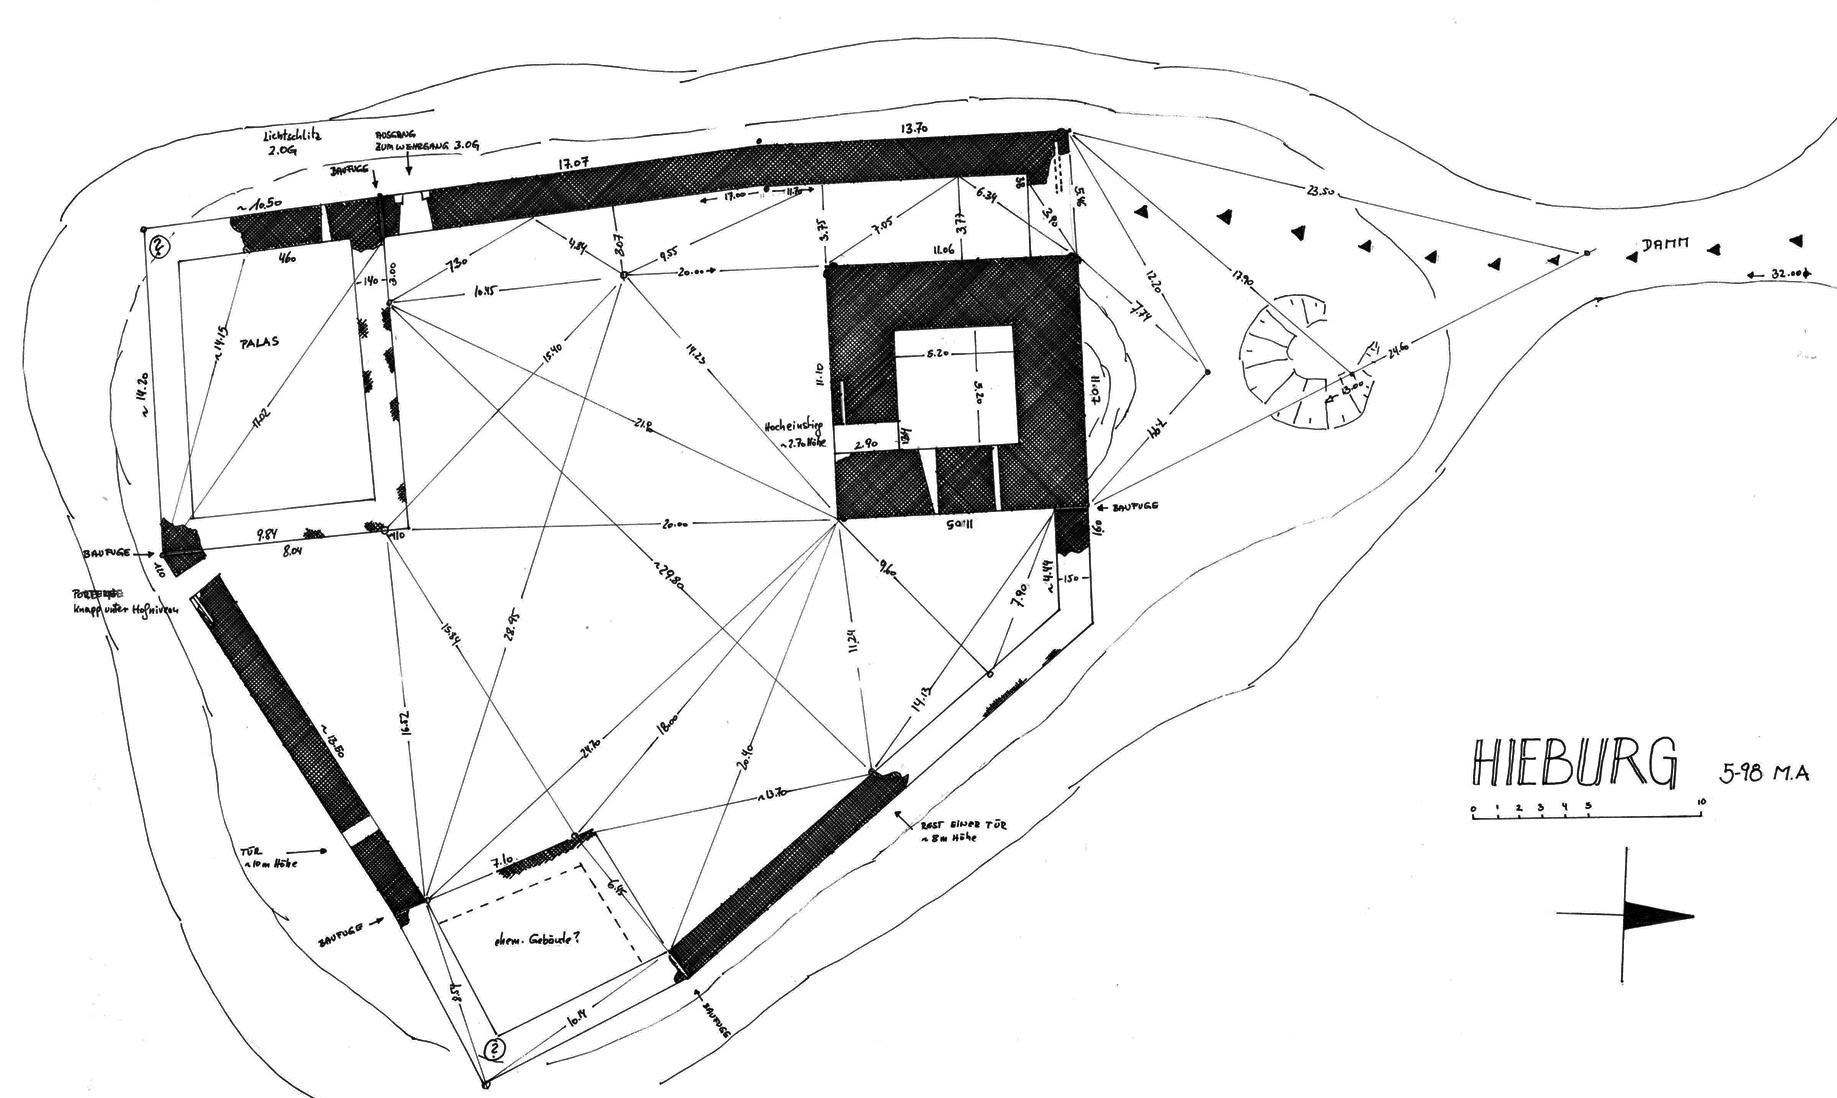 Hieburg: Grundriss, 1998